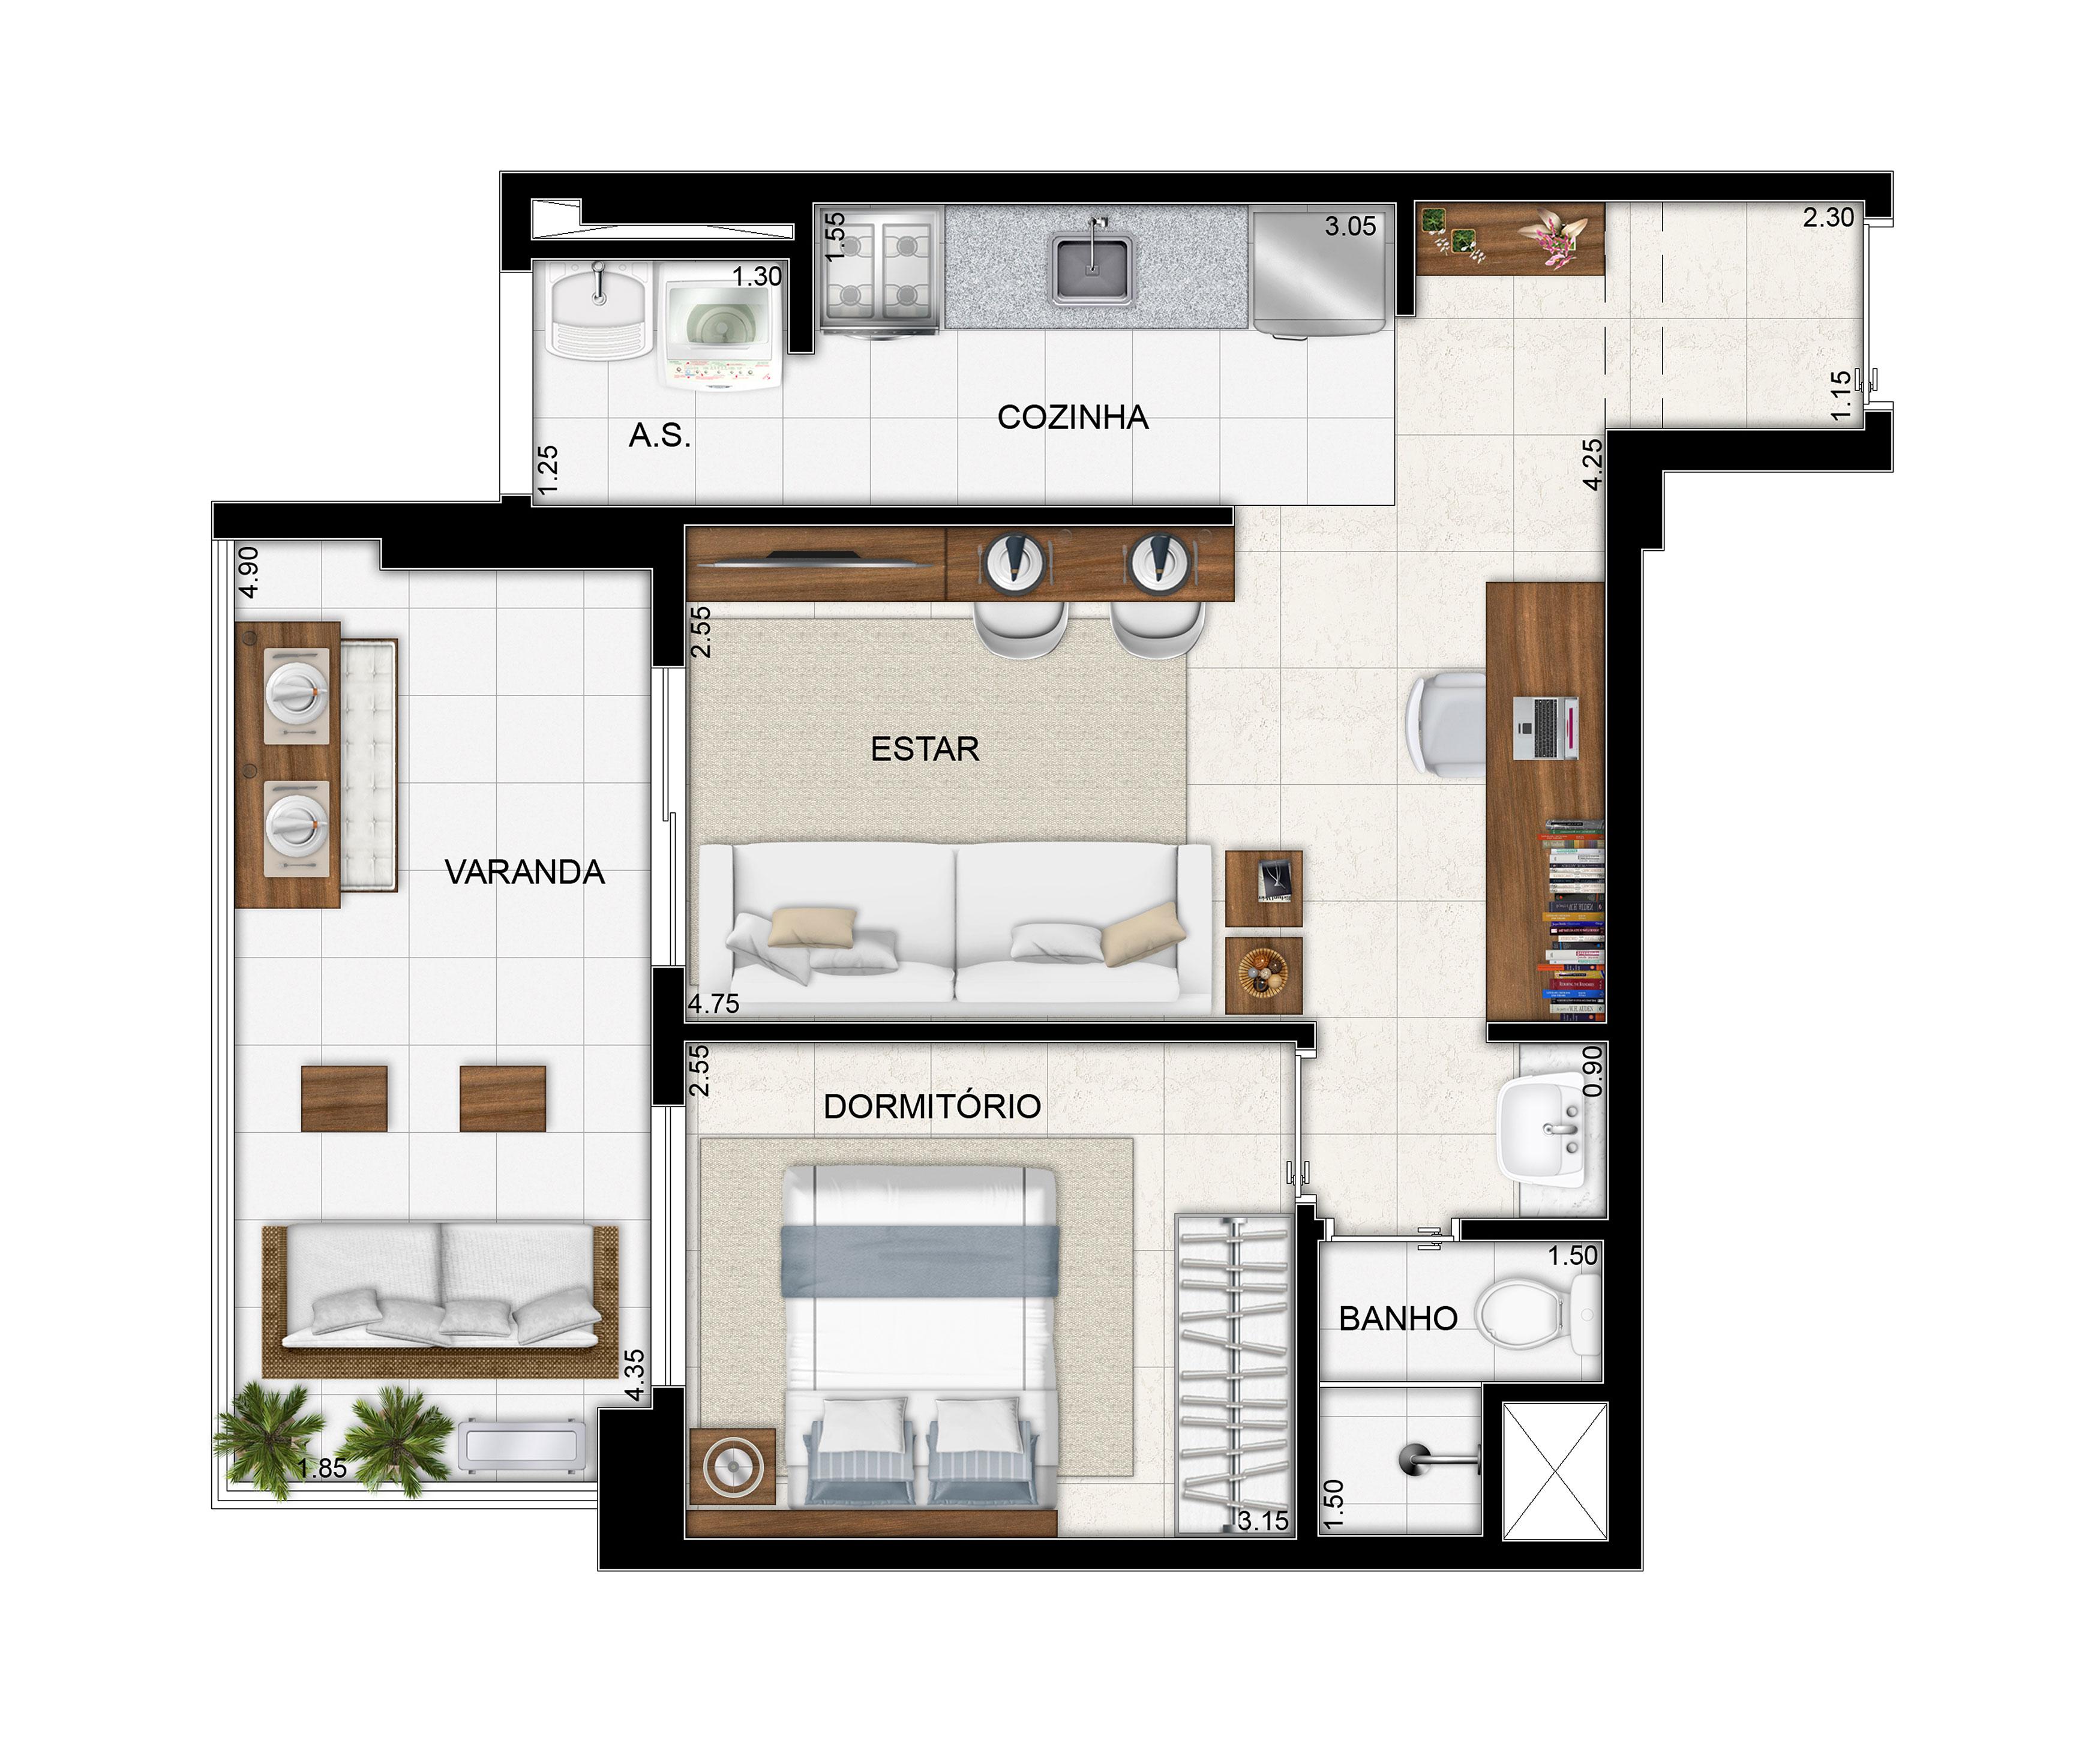 51,44 m² - 1 dorm - Apto tipo com cozinha americana